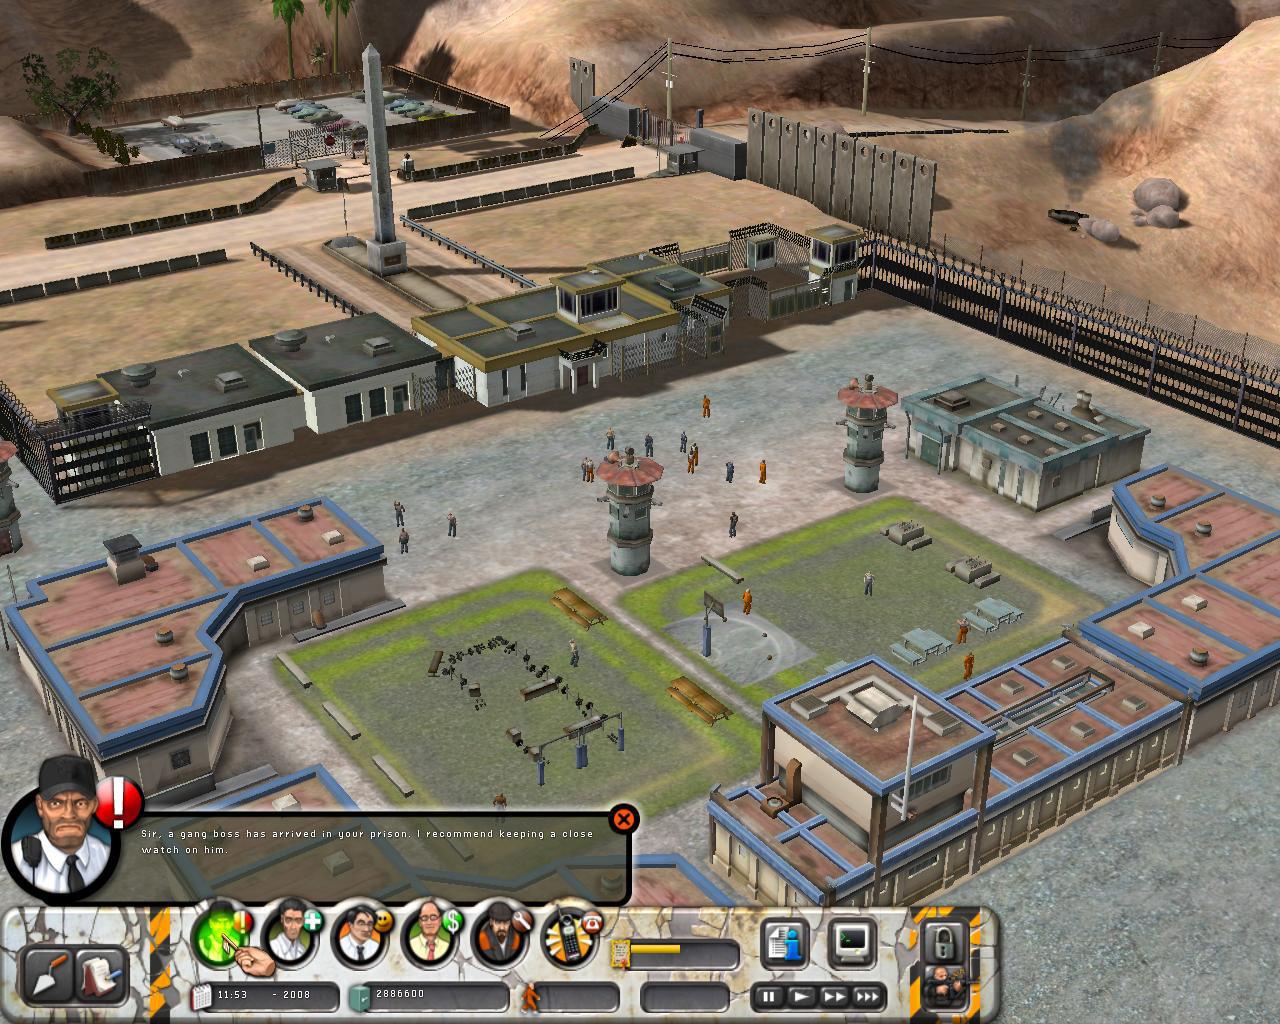 تحميل لعبة يانديري سيميوليتر للكمبيوتر